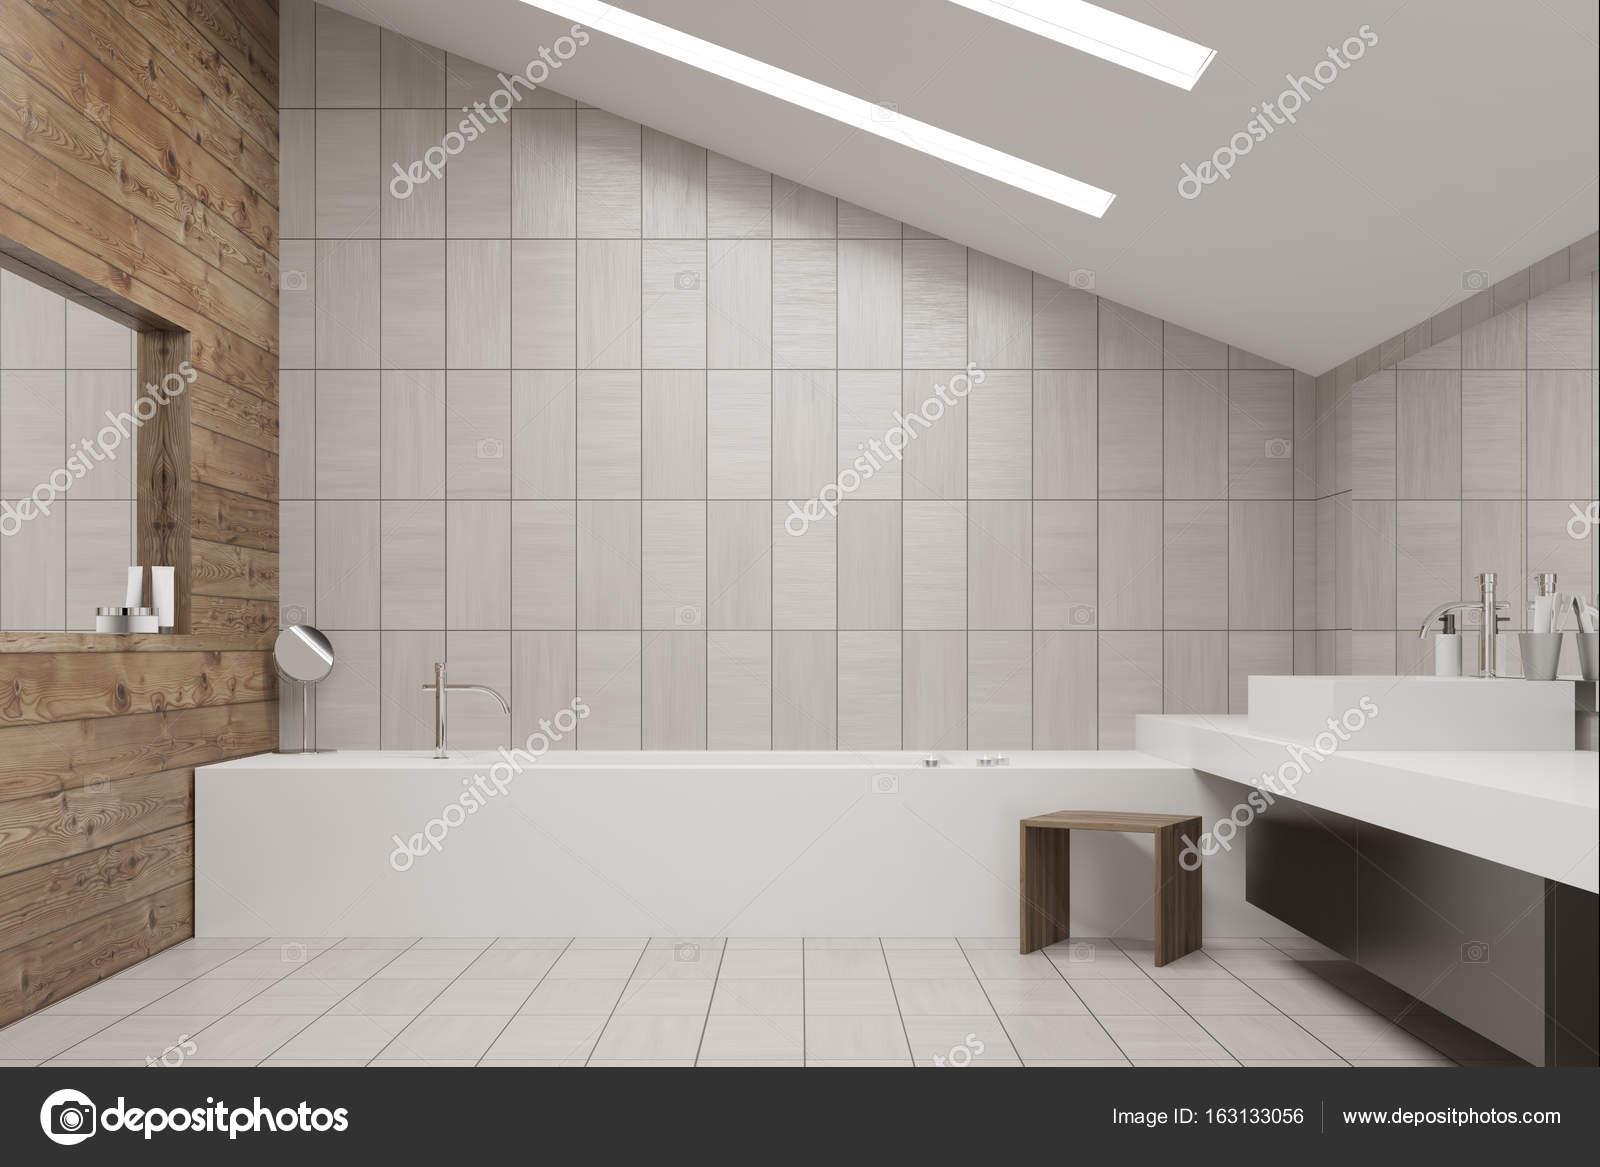 Badkamer op houten vloer best afkitten badkamer d archives foto s